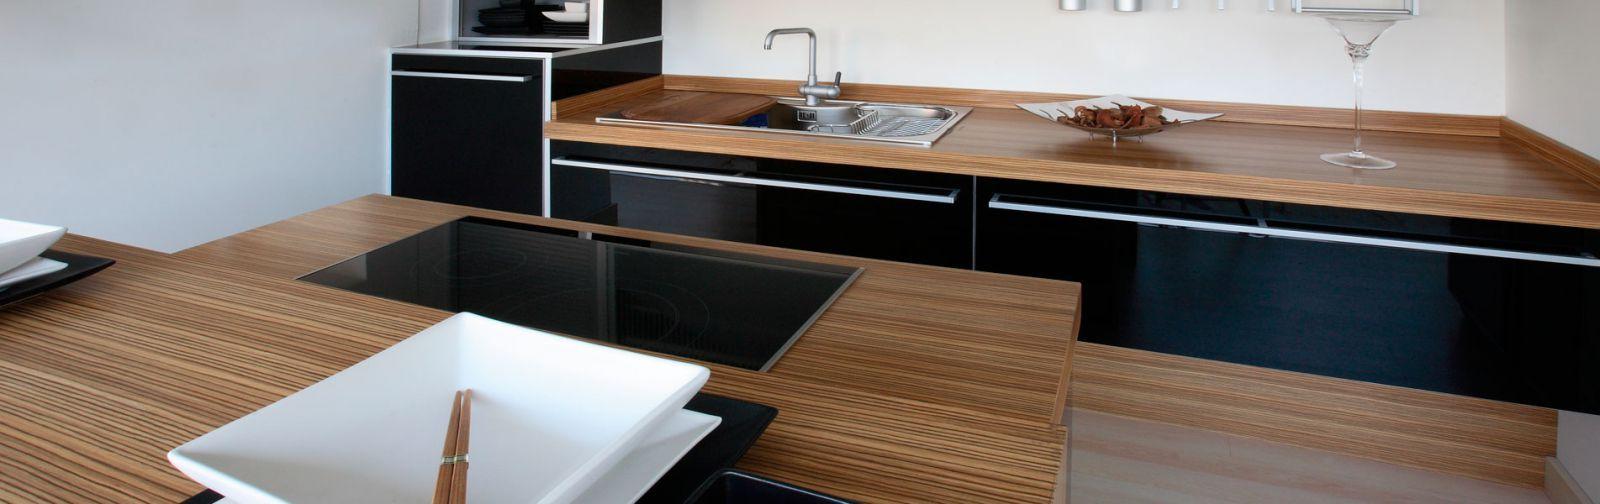 muebles de cocina valladolid montadores de muebles de